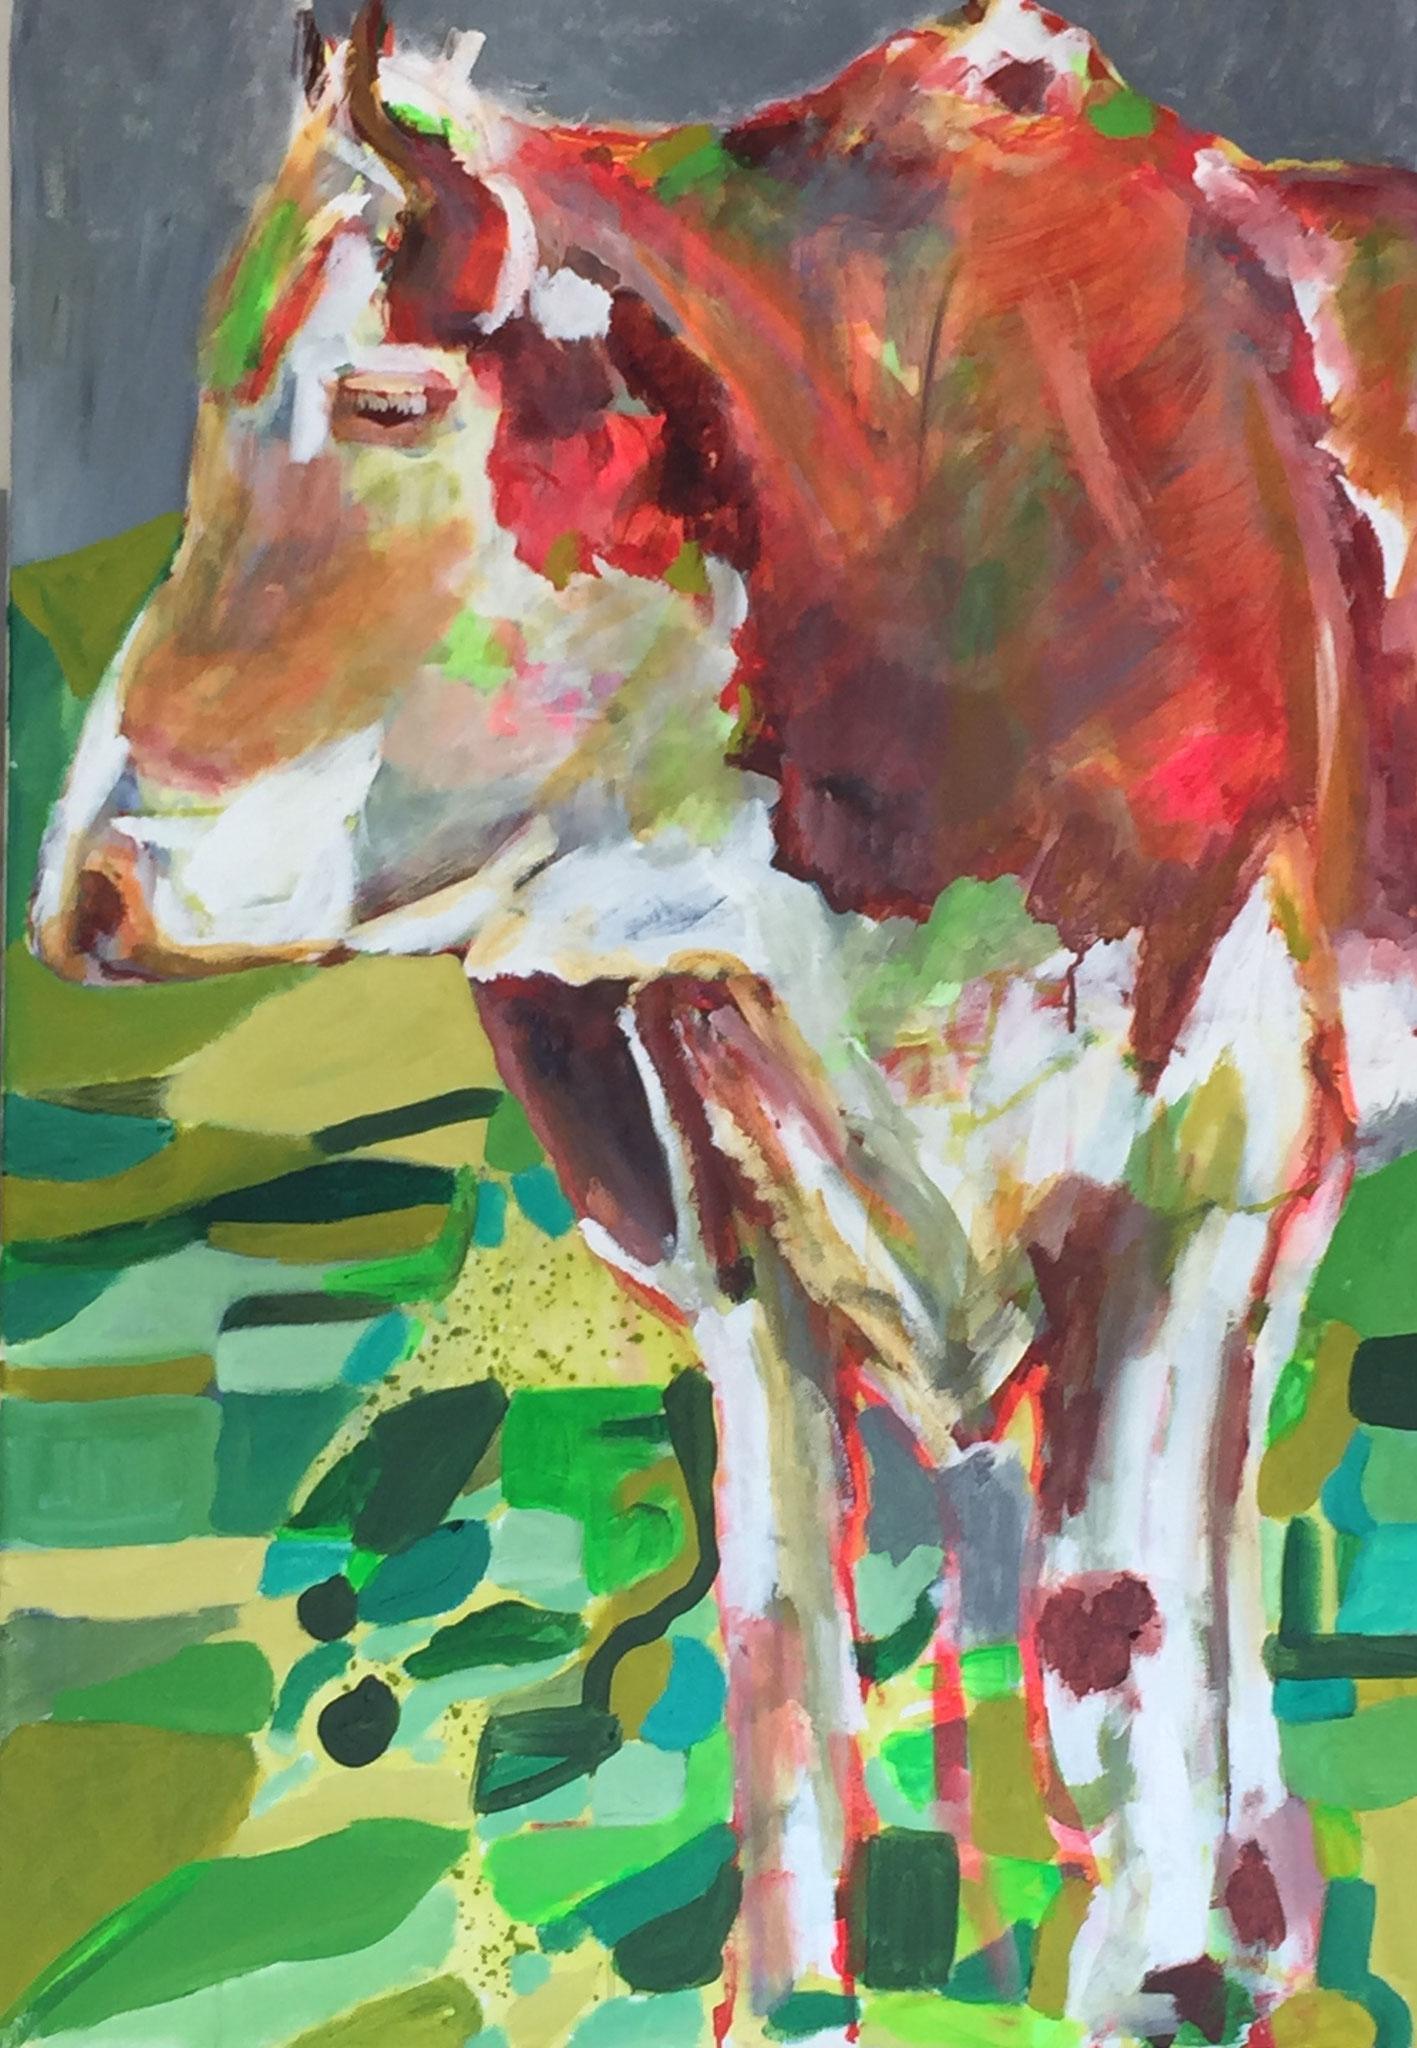 Gehörnt 7, 100x70, acrylic on canvas